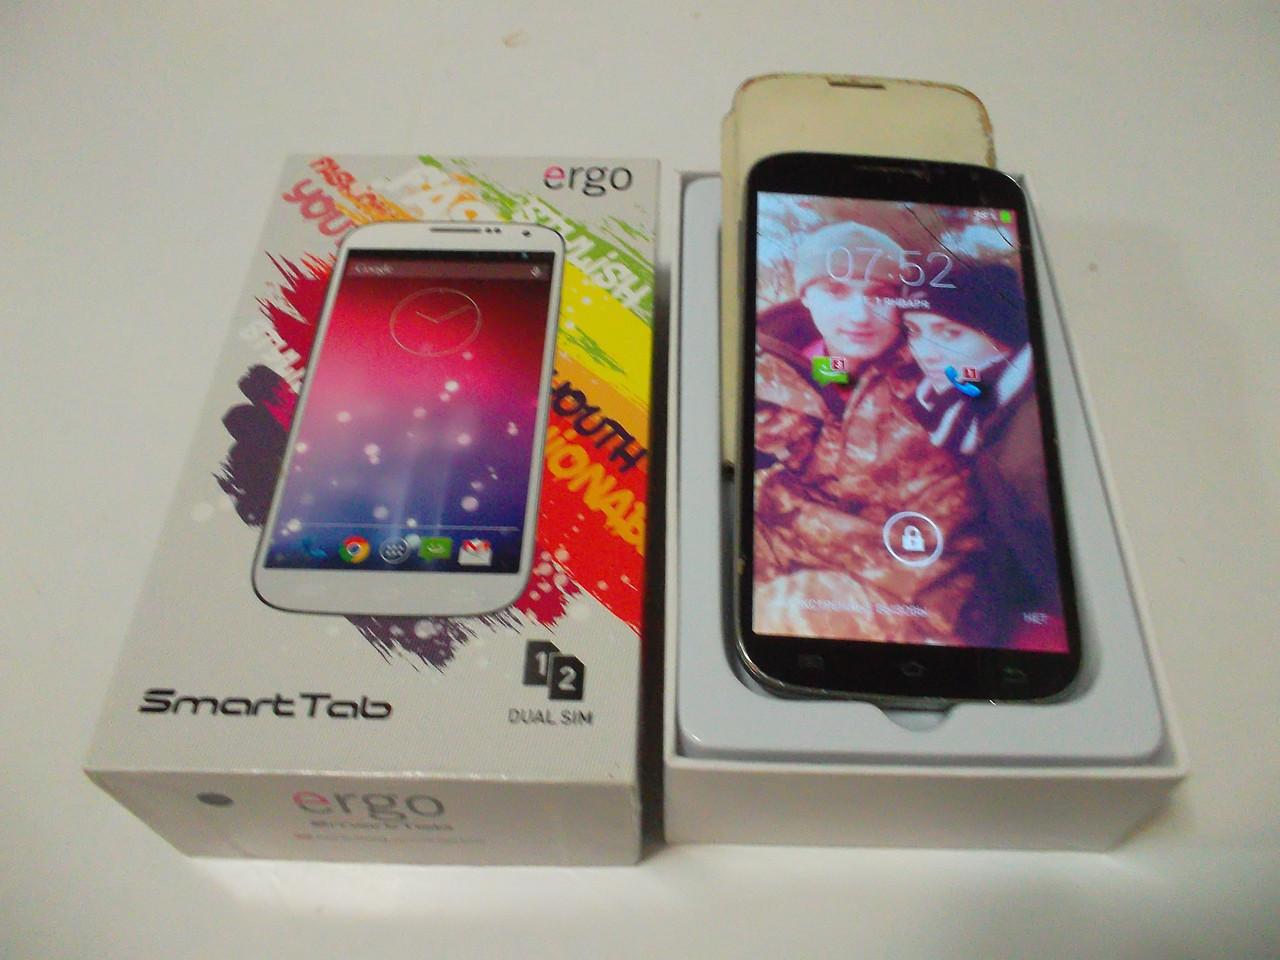 Мобильный телефон Ergo Smart tab 3g 5.04 №3959